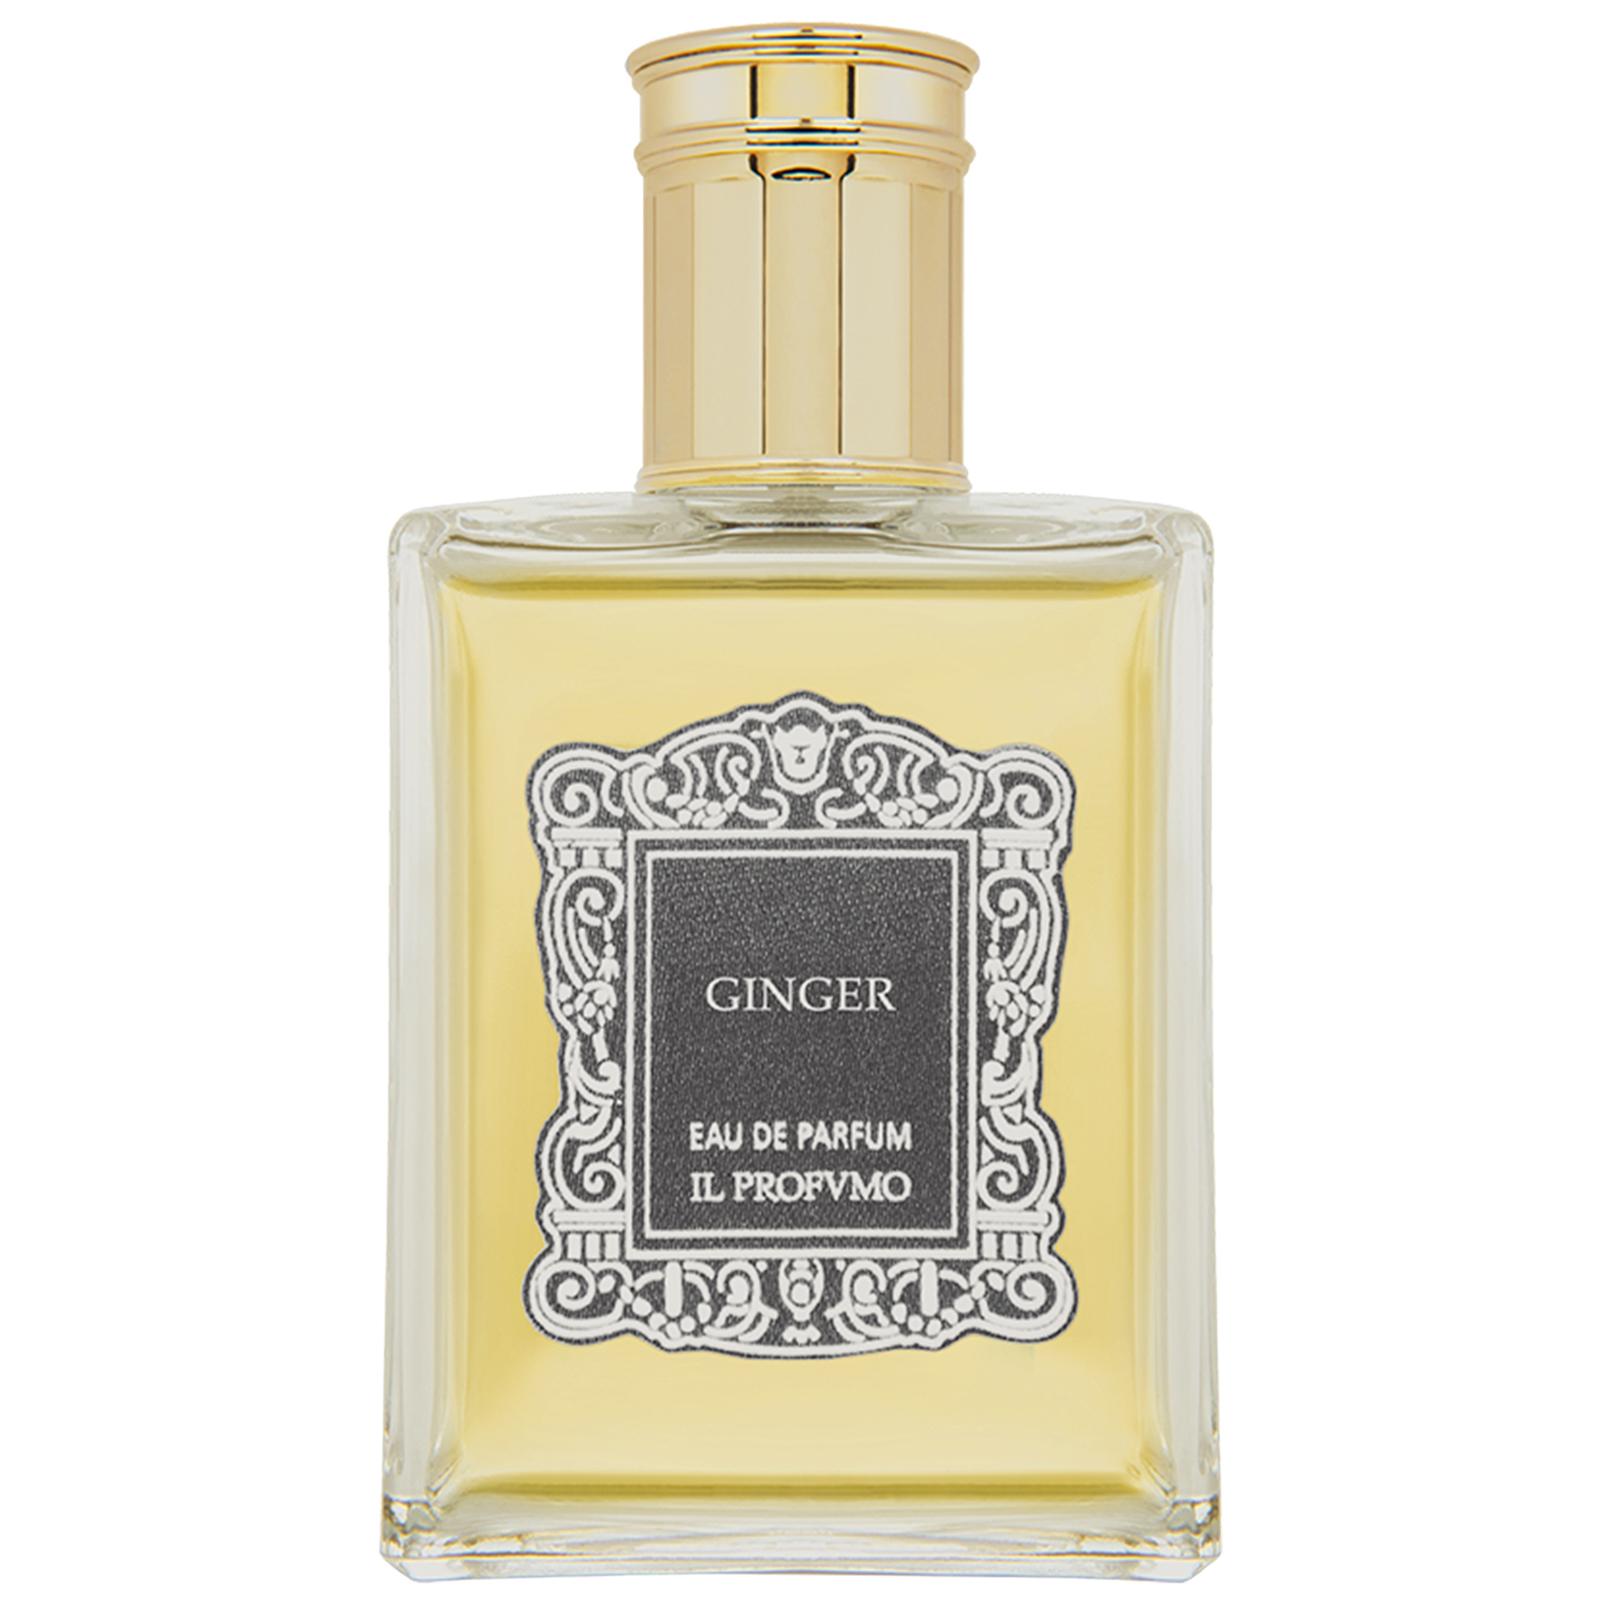 Ginger profumo eau de parfum 100 ml